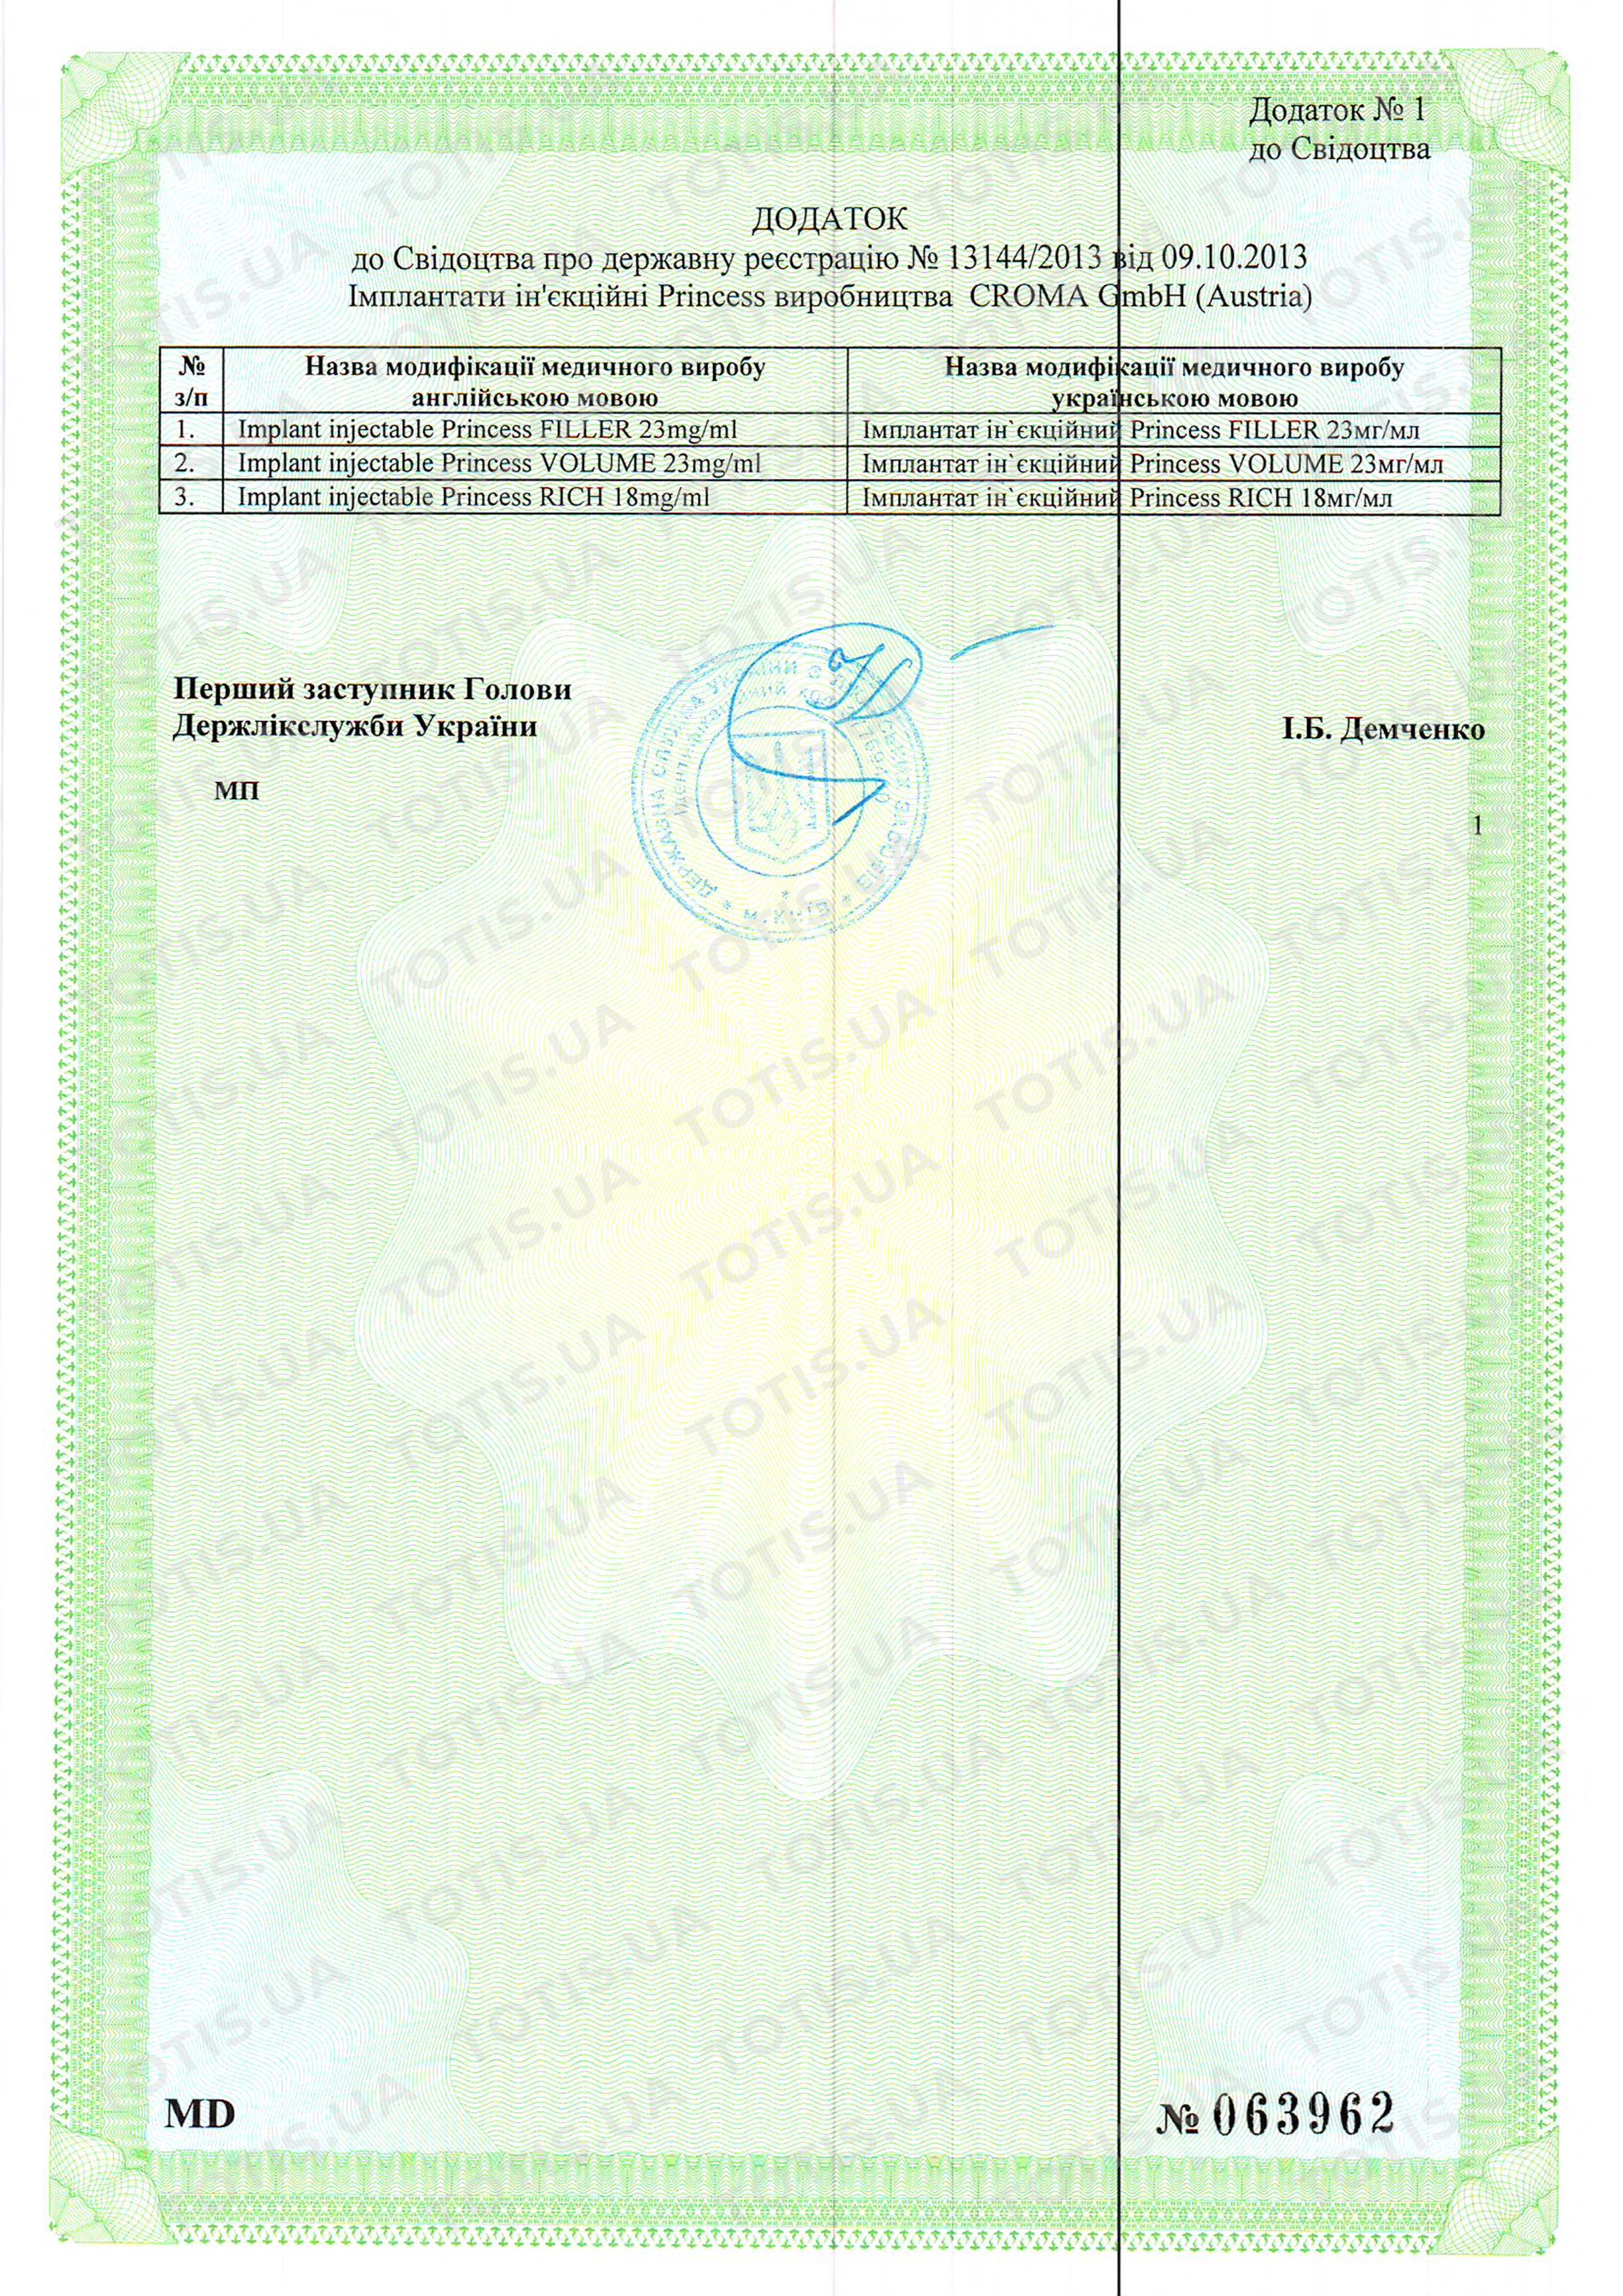 сертификаты препаратов Принцесс